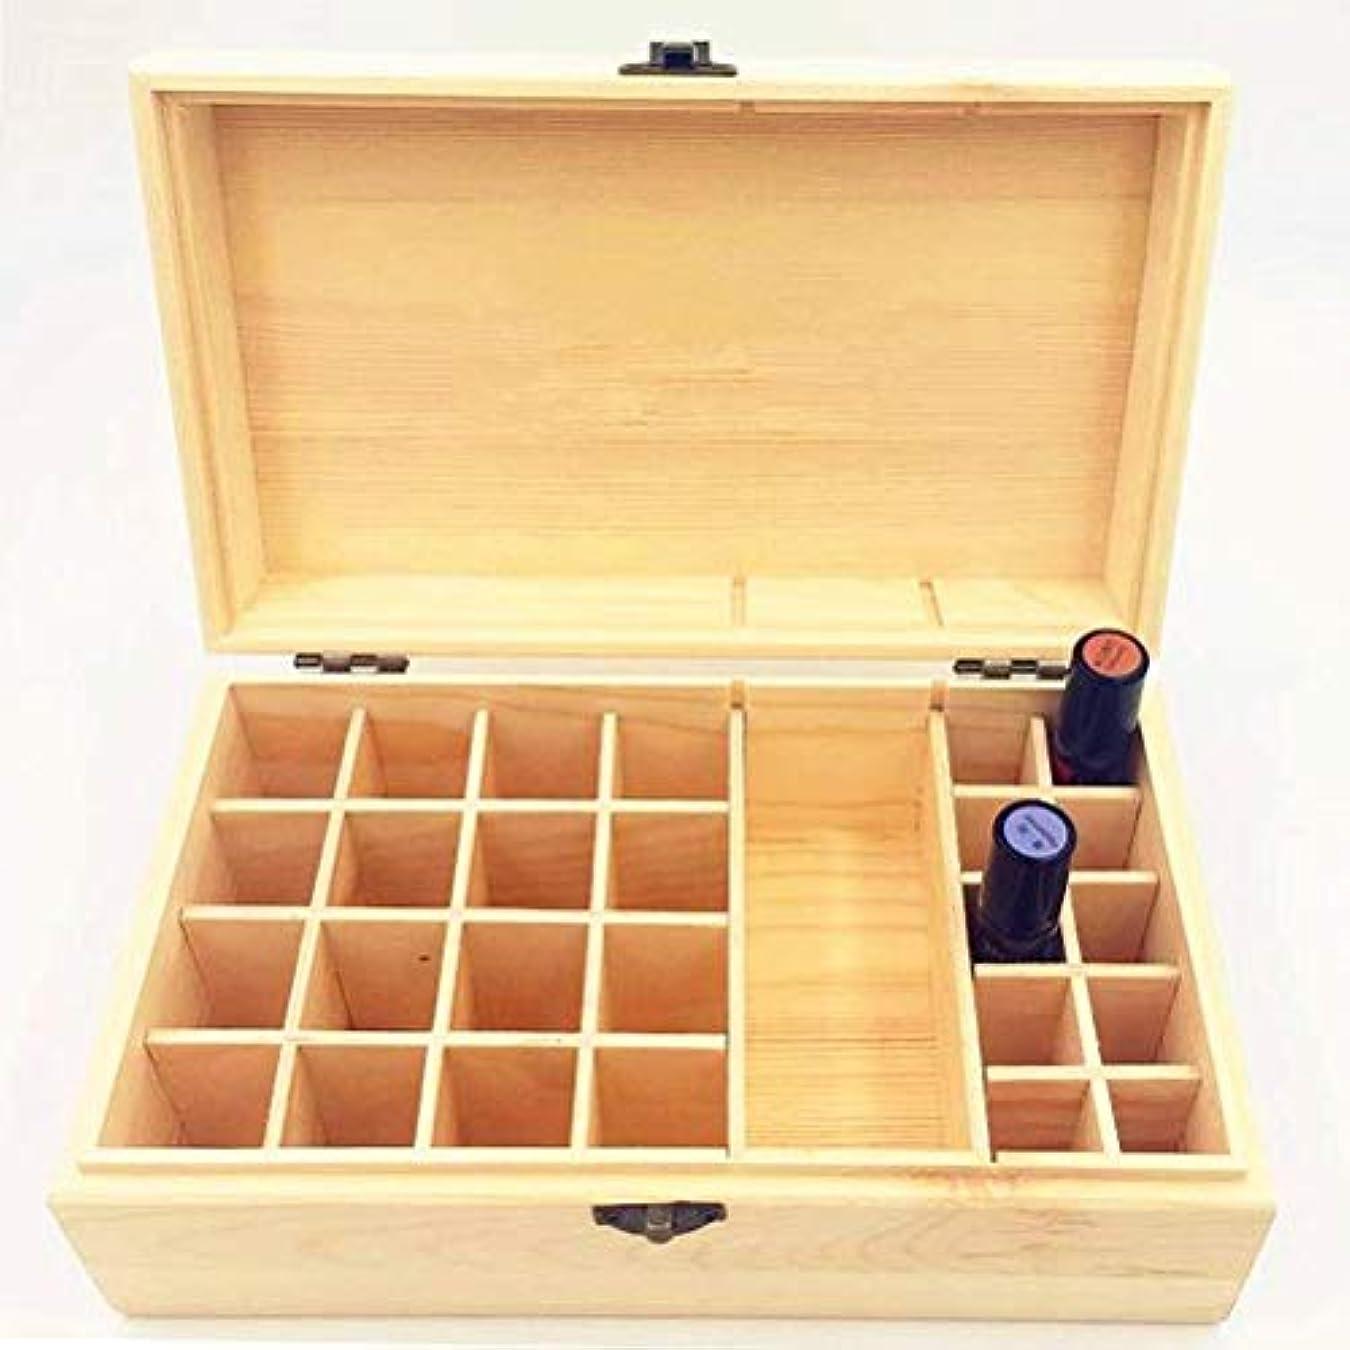 爪増幅するミュウミュウTINKSKY アロマケース エッセンシャルオイルケース 木製 精油ケース 精油収納 仕切りボックス 32本収納 仕切り板が取り出し可